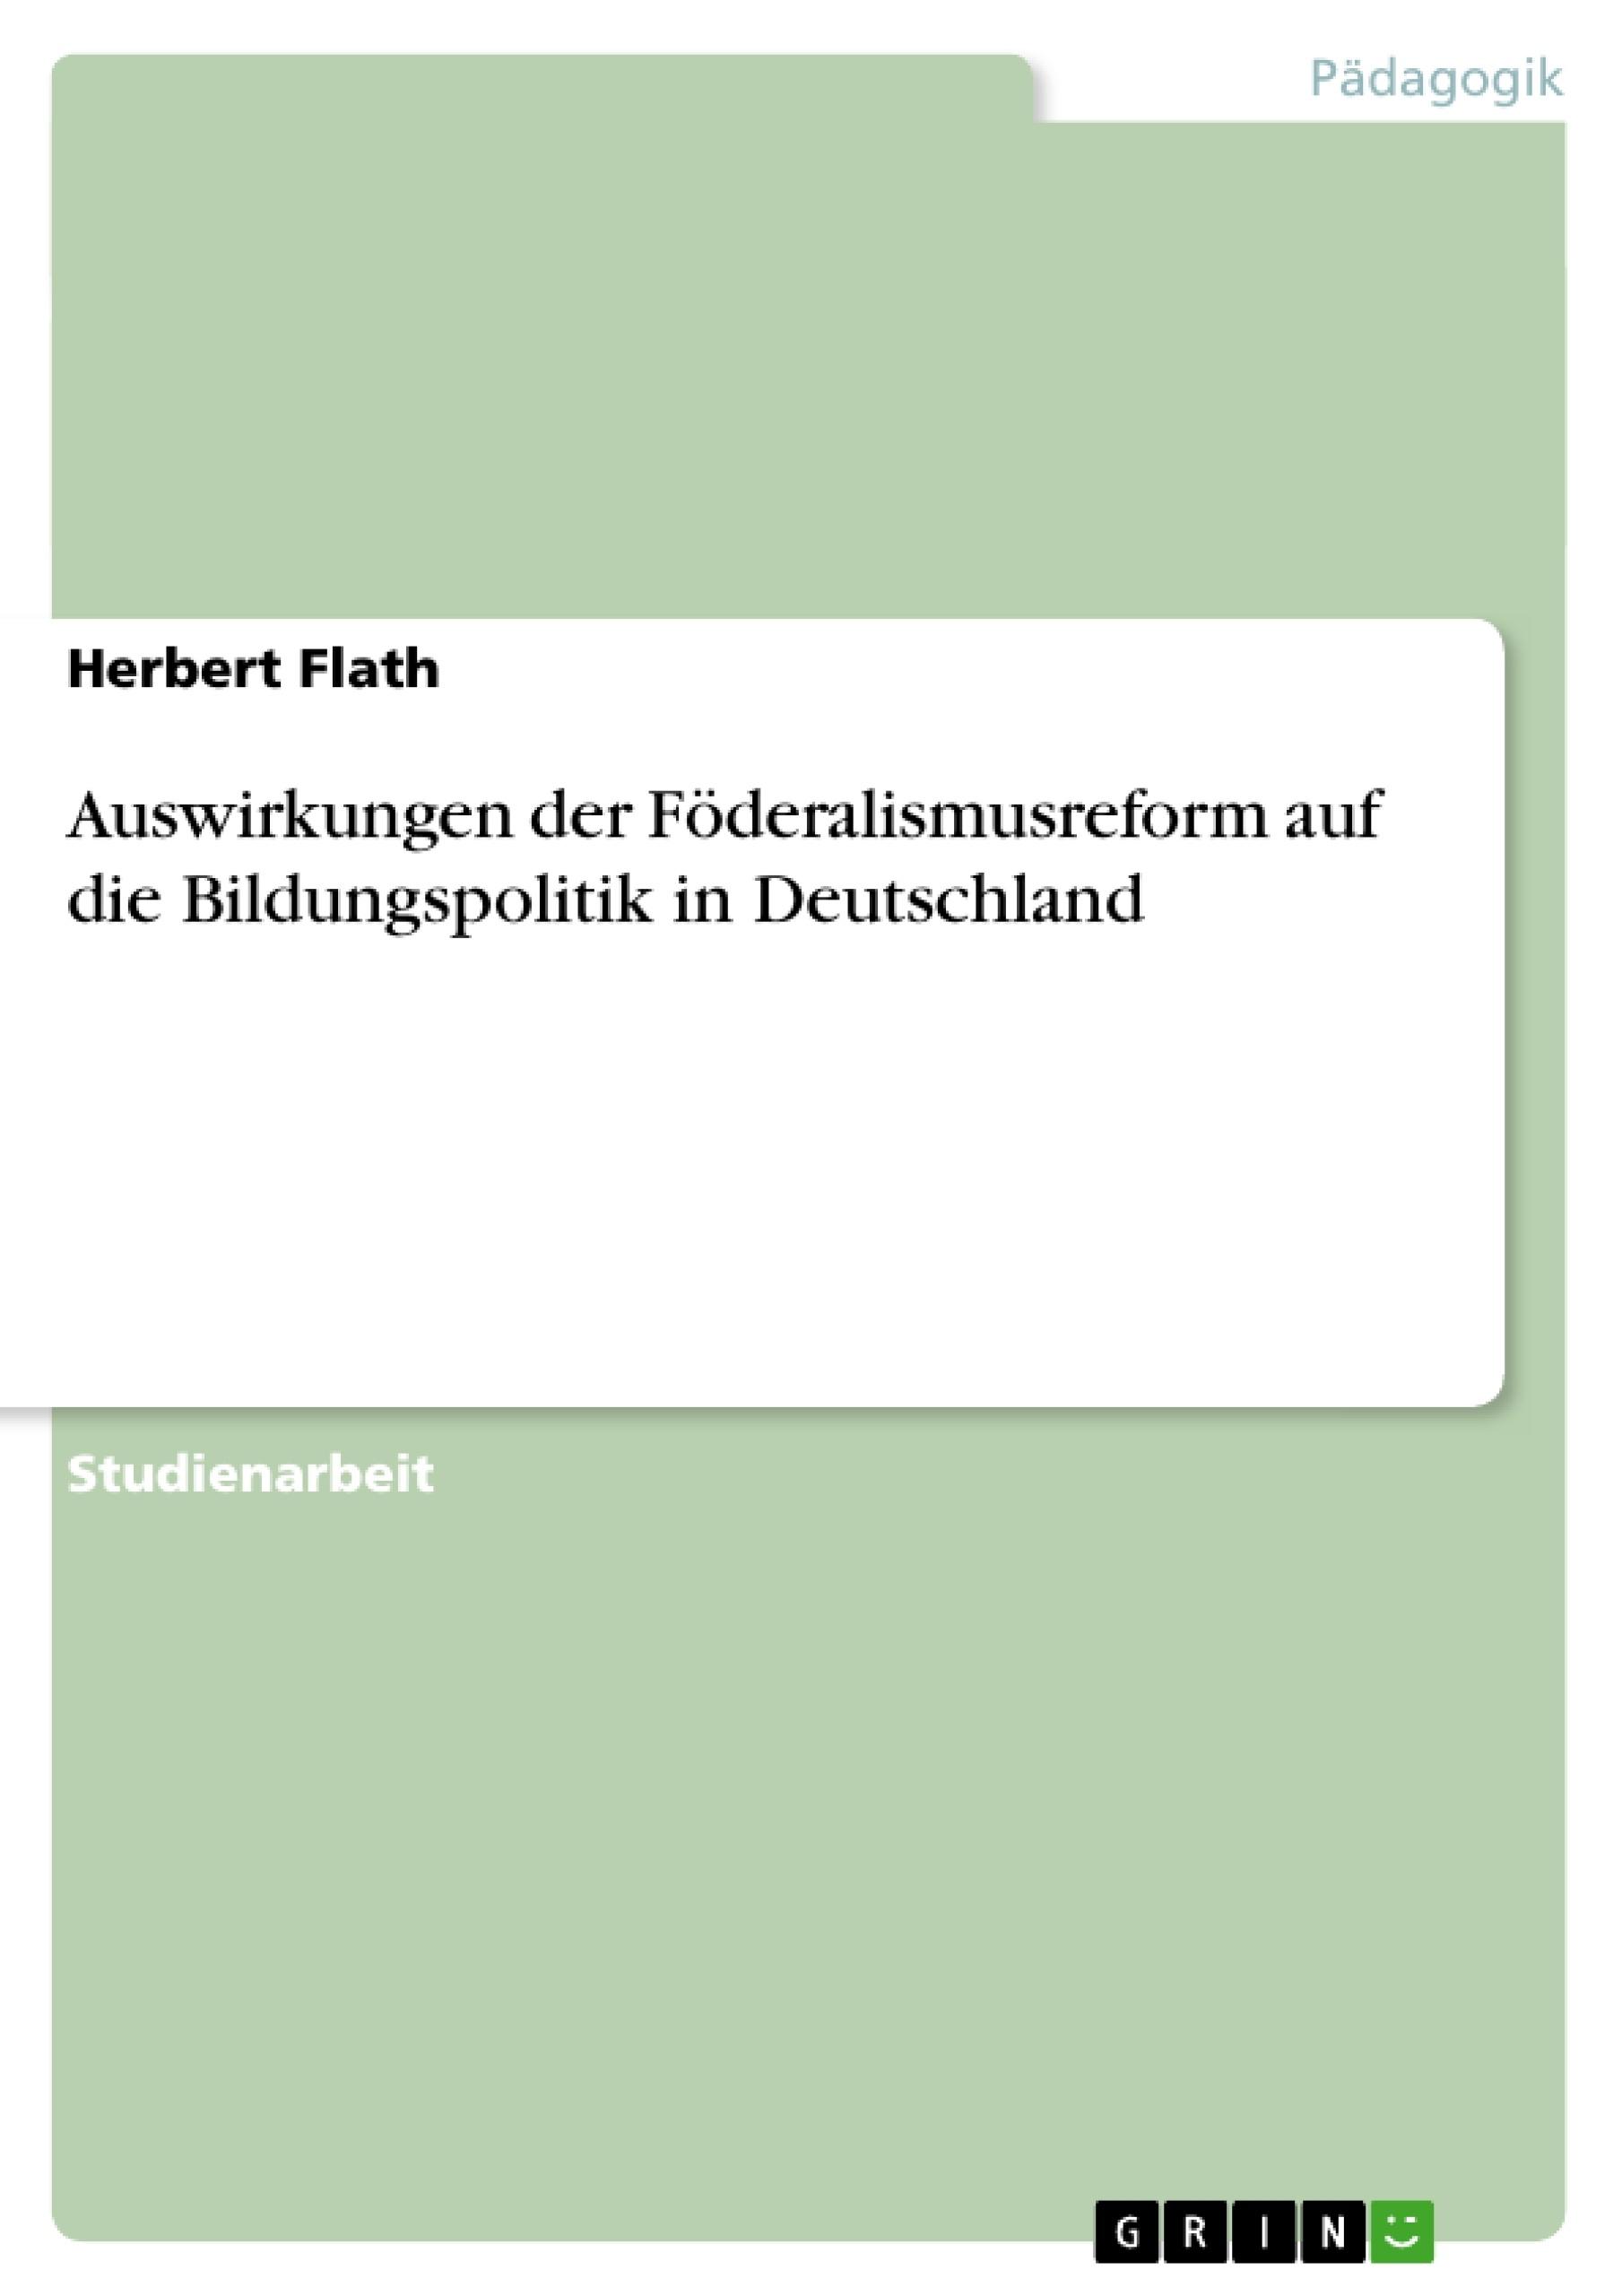 Titel: Auswirkungen der Föderalismusreform auf die Bildungspolitik in Deutschland